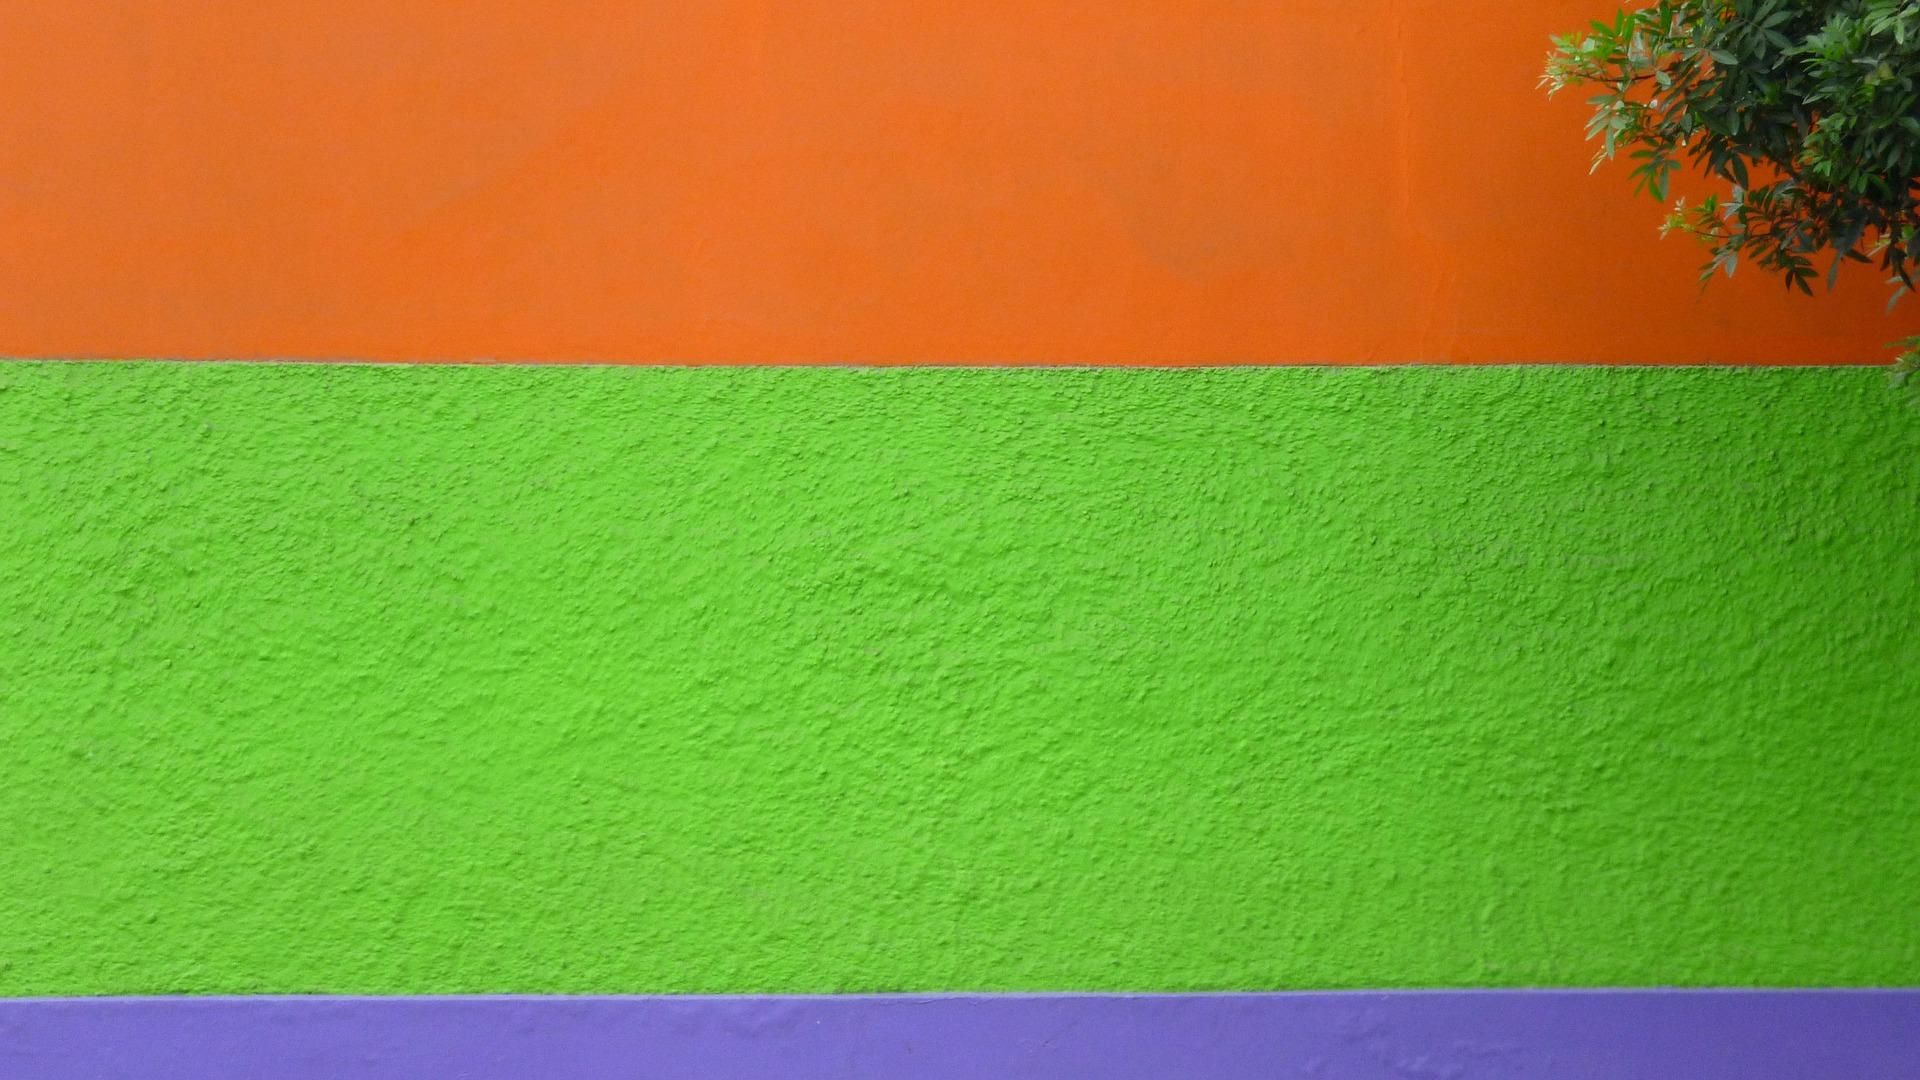 wall-376897_1920